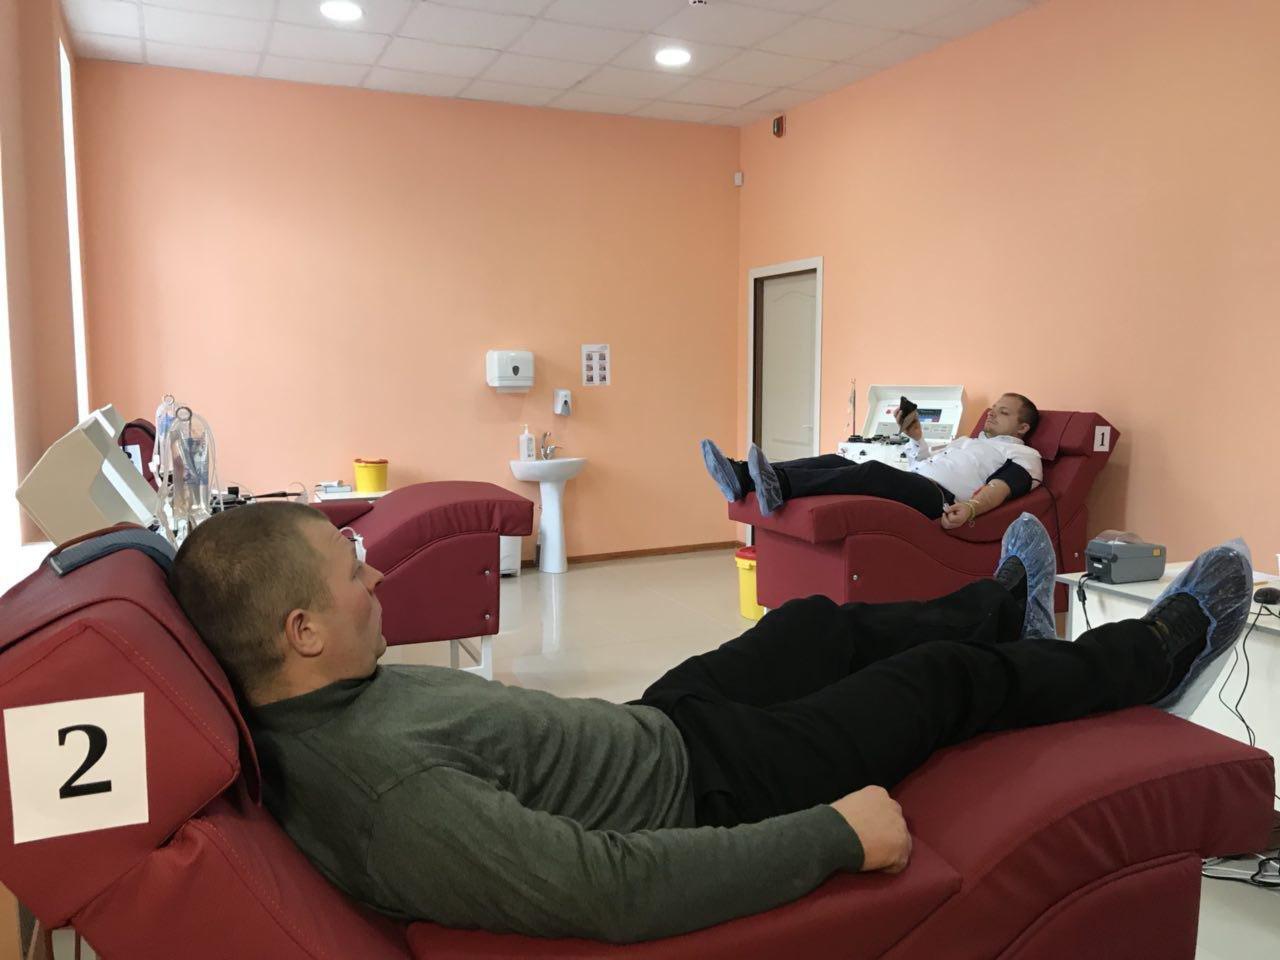 Мер міста Артем Семеніхін здав кров у новому донорському центрі, фото-1